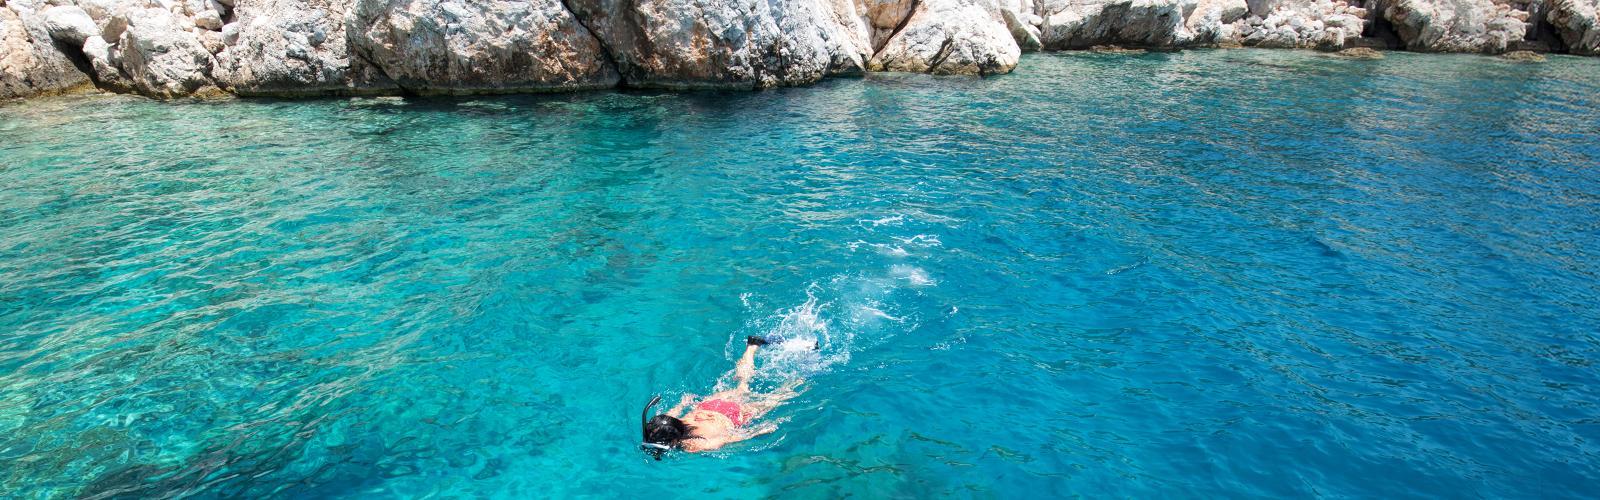 Snorkeling Porquerolles